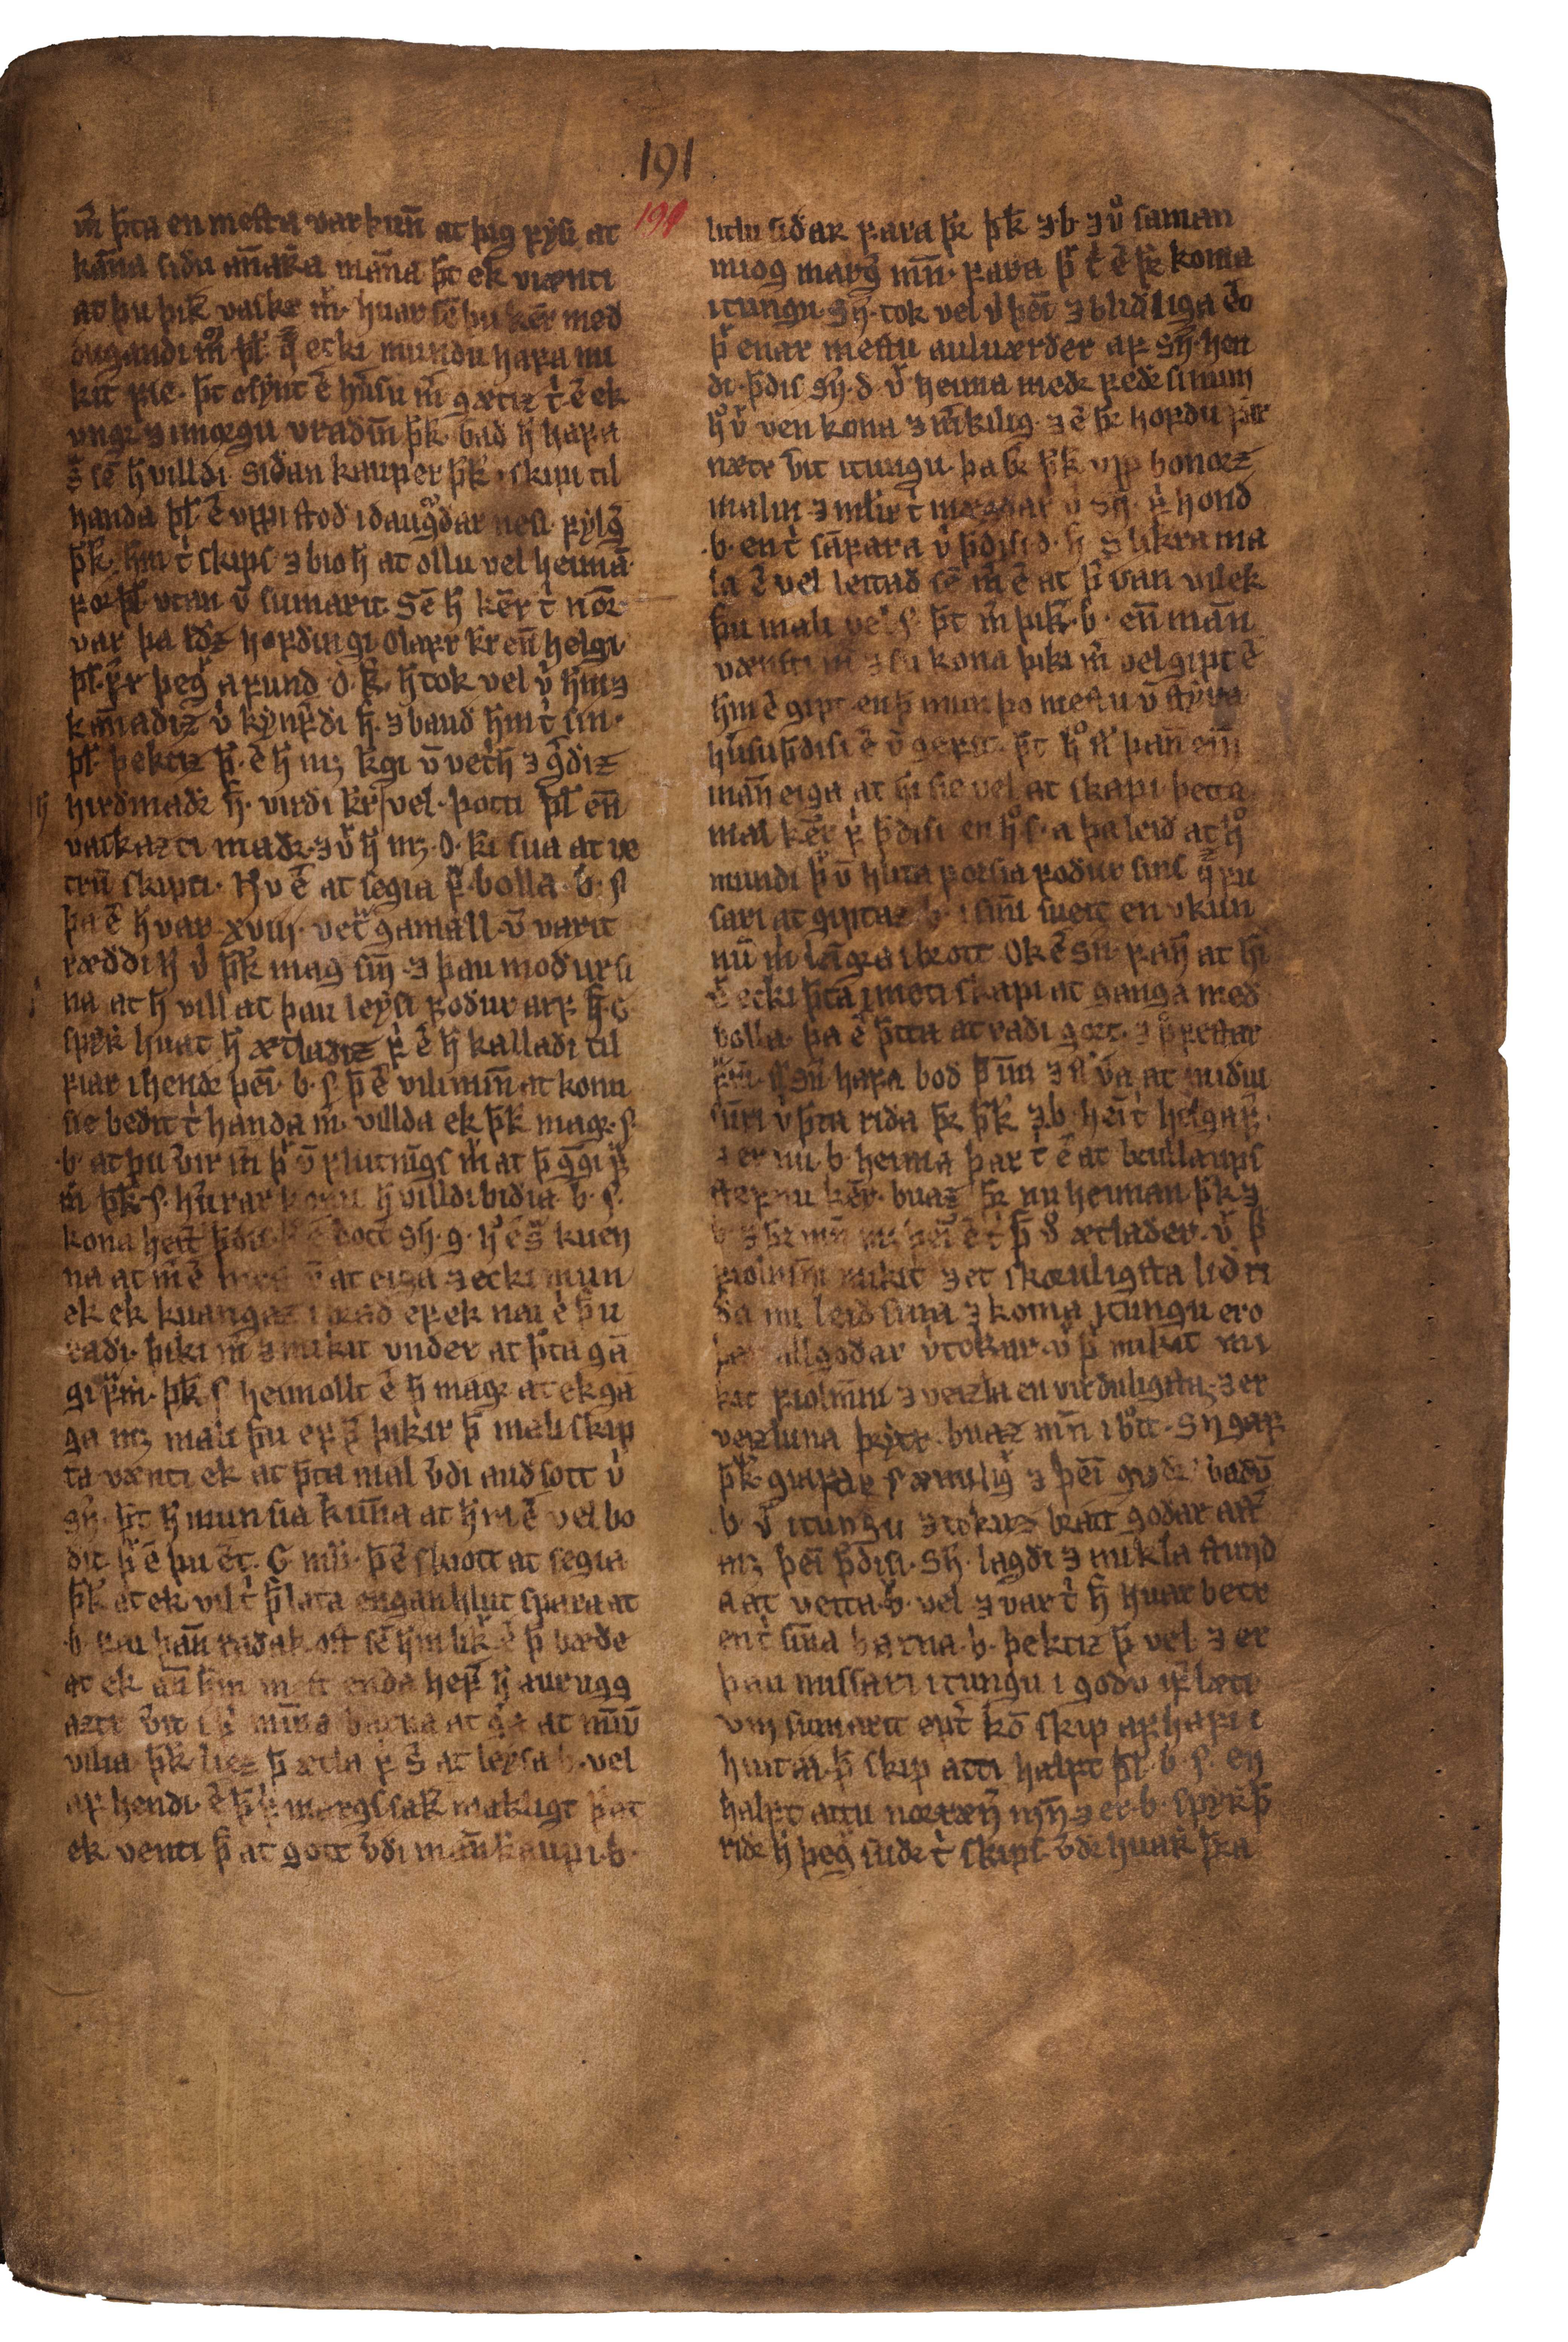 AM 132 fol - 191r